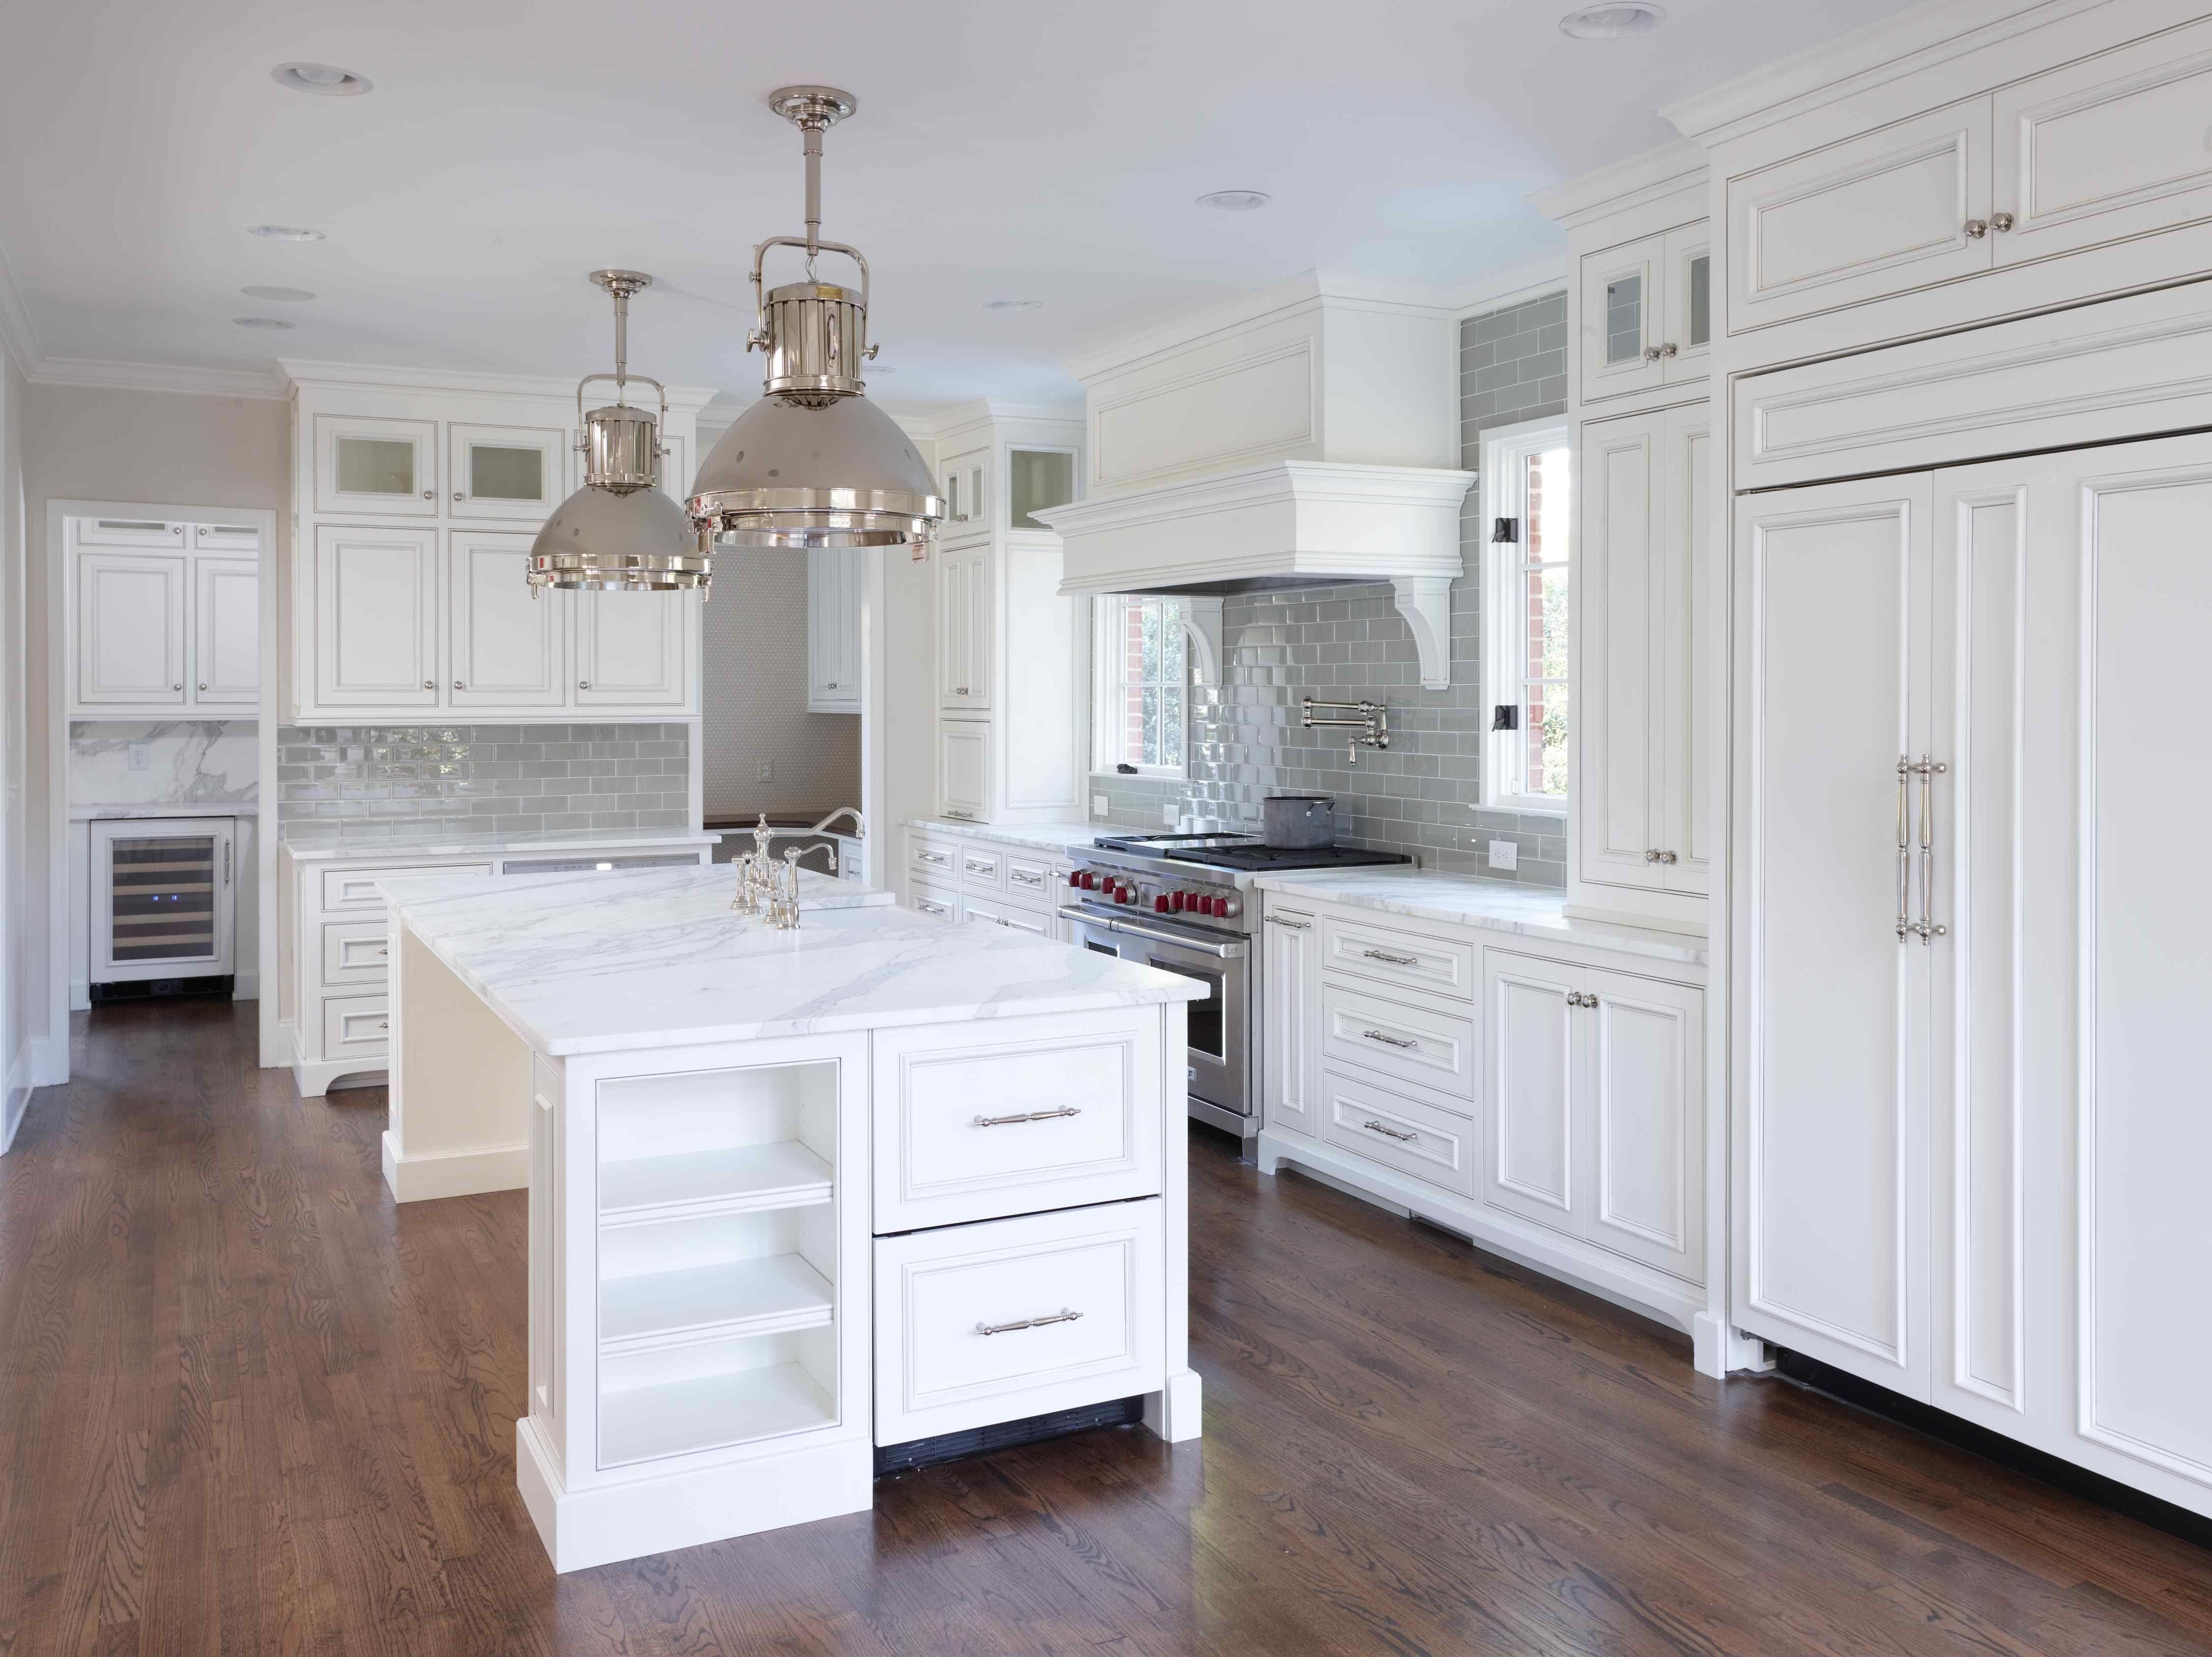 Kitchen Cabinet Doors Open Left Right. Excellent Cabinet Door Swings ...